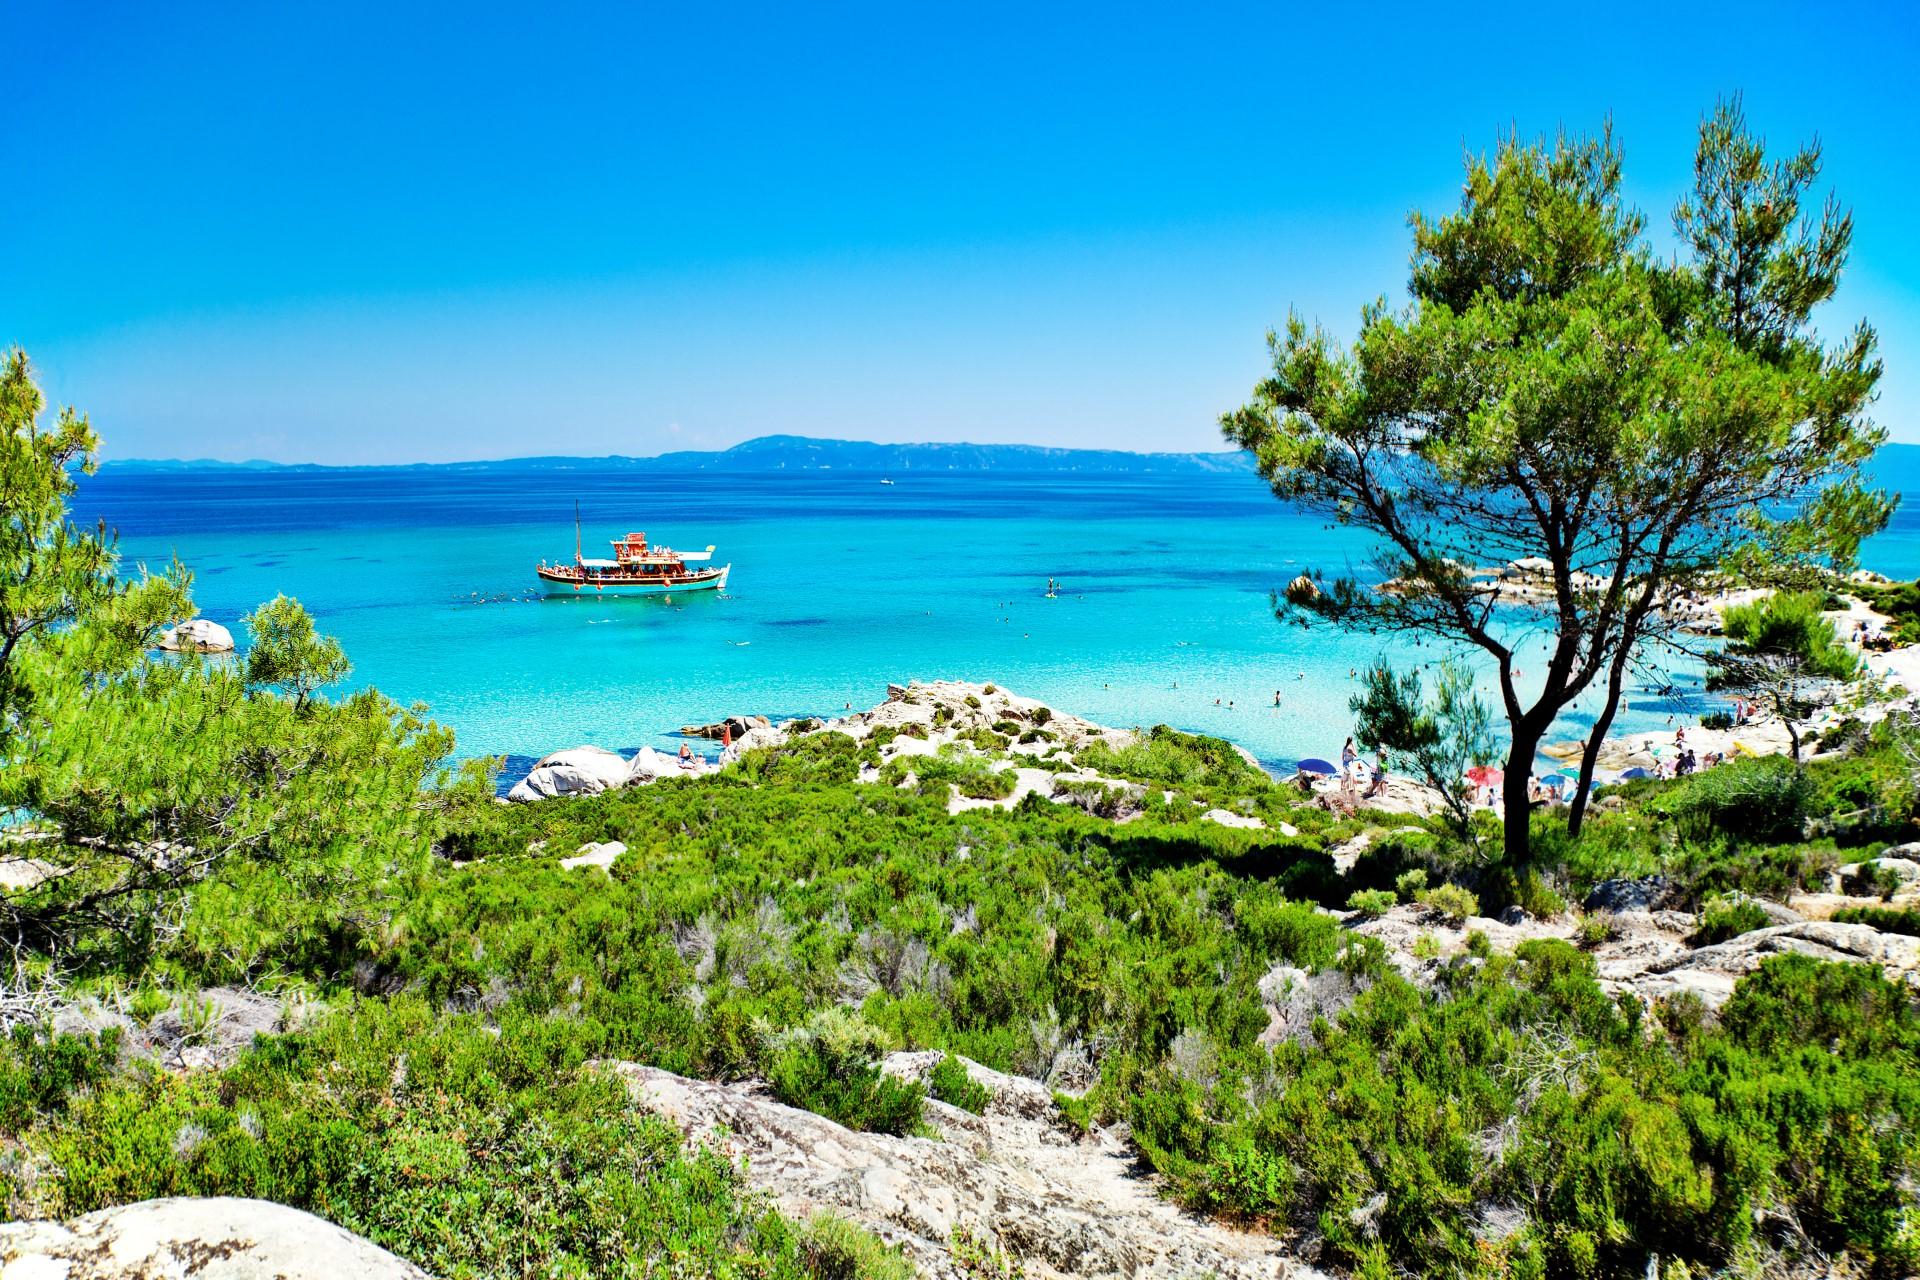 Een_panorama_van_Portokali__Orange__Beach_in_Sithonia__Halkidiki__Griekenland_met_een_schip